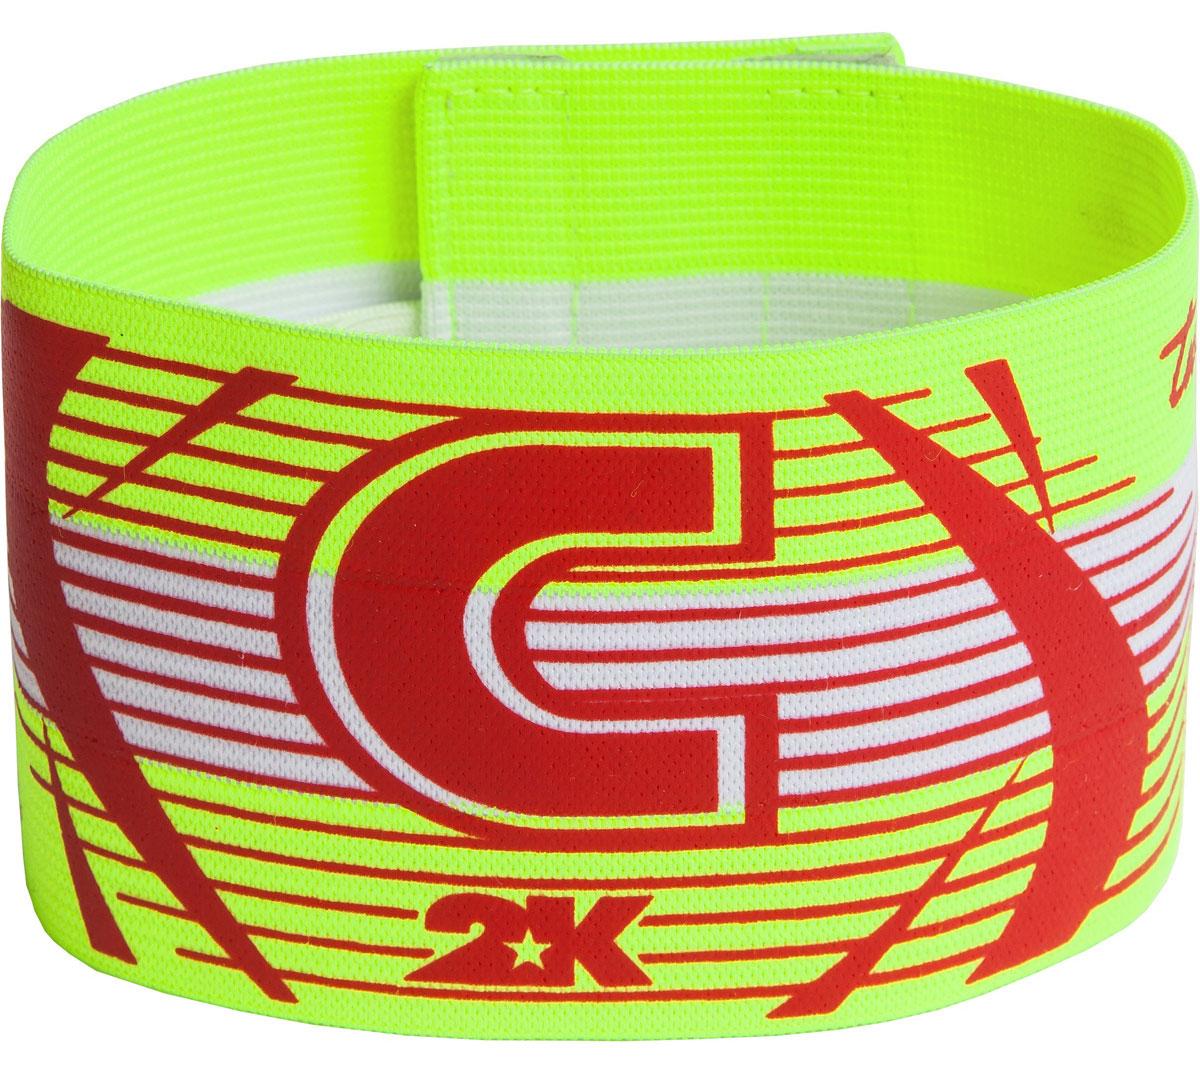 Повязка капитанская 2K Sport Captain, цвет: светло-зеленый, красныйконусЯркая повязка на руку 2K Sport Captain применяется для того, чтобы выделить на поле капитана команды. Выполнено изделие из высококачественного полиэстера. Размер универсальный.